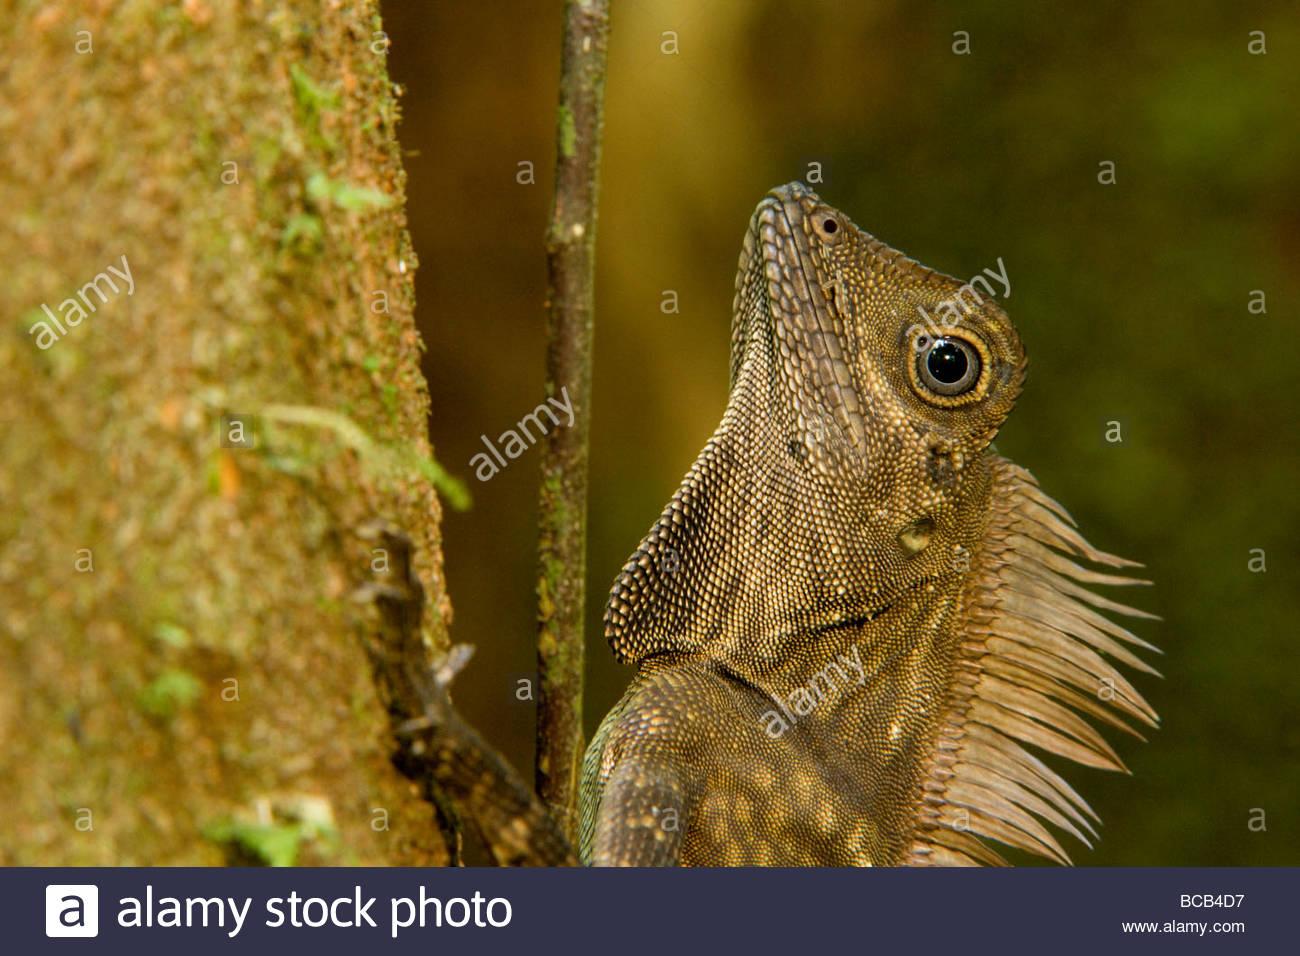 Blue-eyed Angle-headed Lizard (Gonocephalus liogaster) close-up. - Stock Image